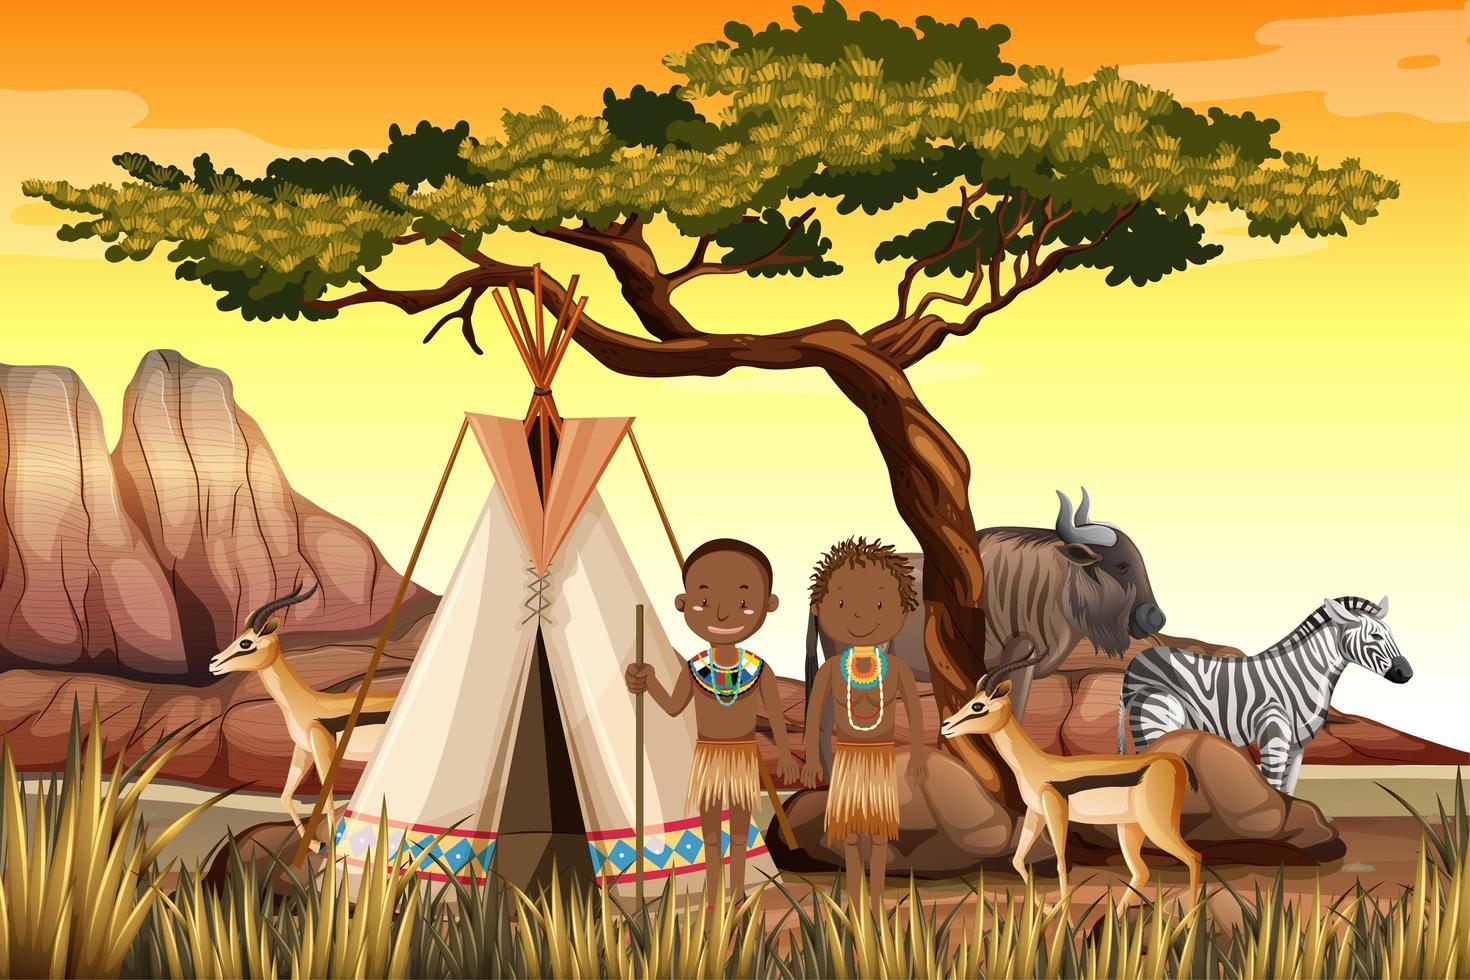 les gens des tribus africaines dans la scène de la nature des vêtements traditionnels vecteur